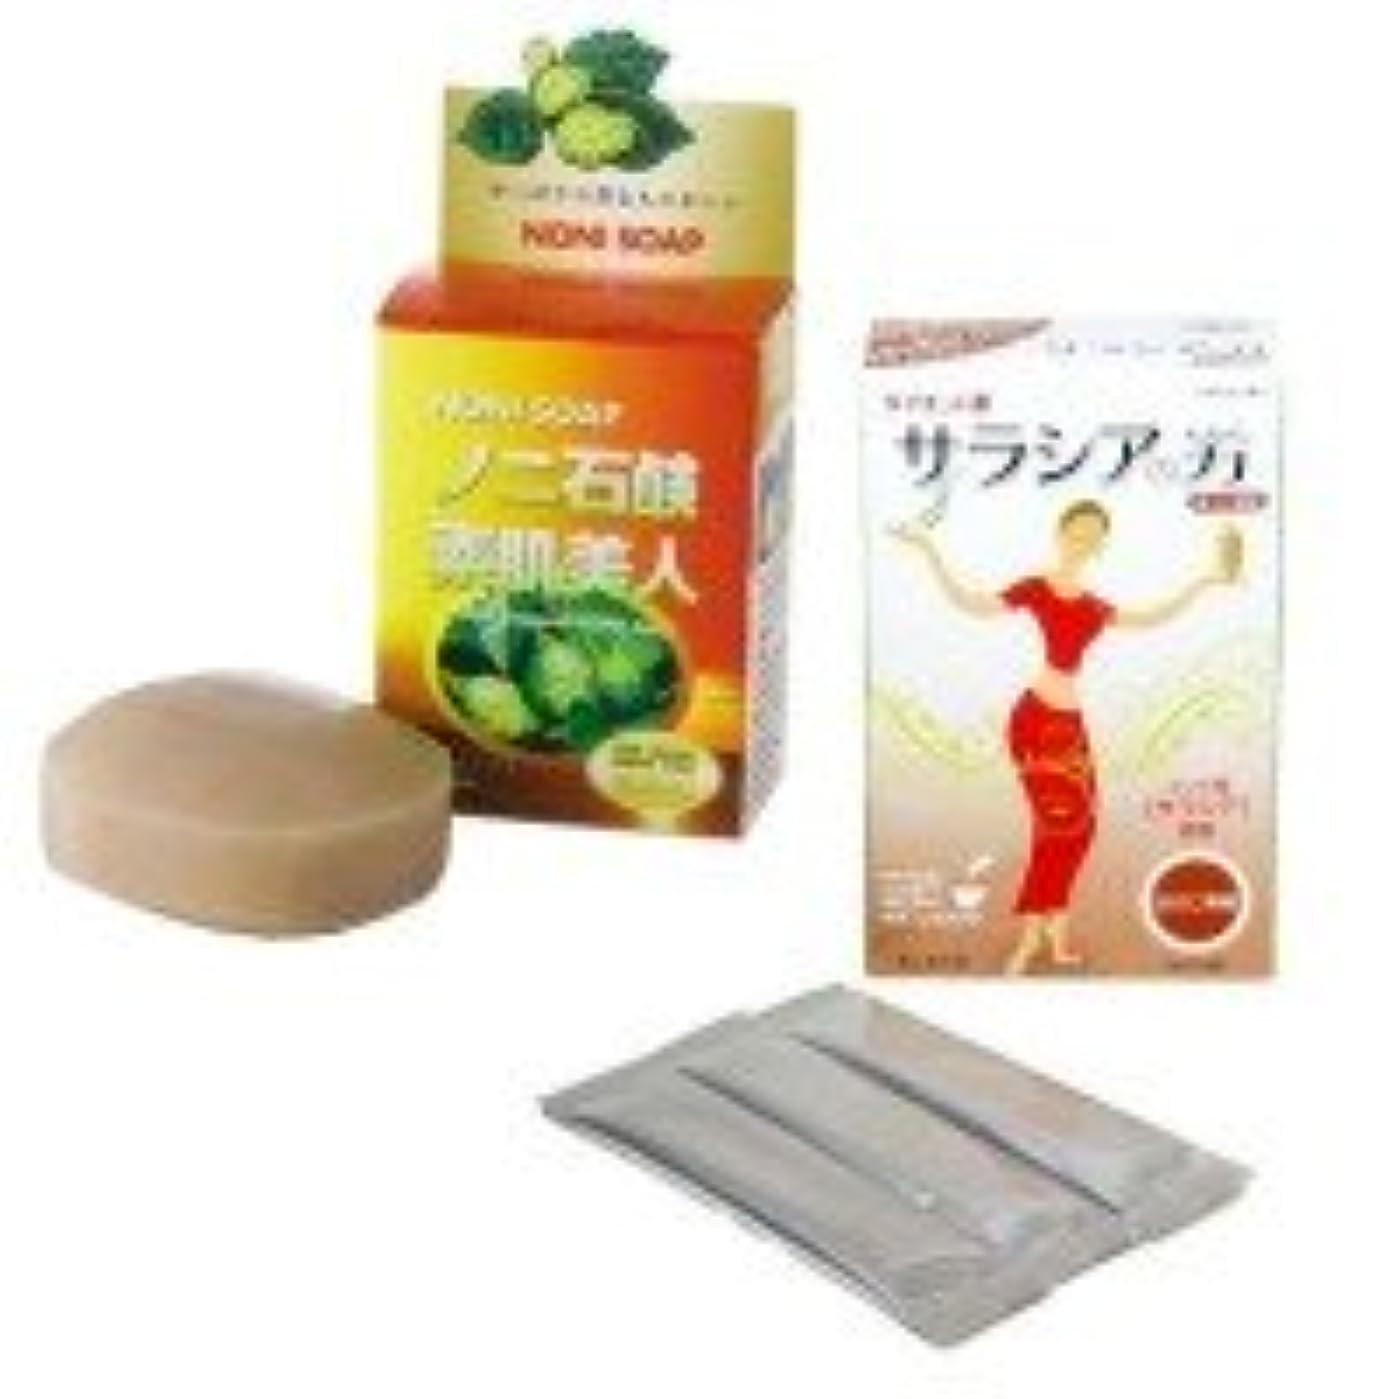 ビザ三角一般的にノニ石鹸 素肌美人 100g & サラシアの力 ほうじ茶味 (1g×18包)